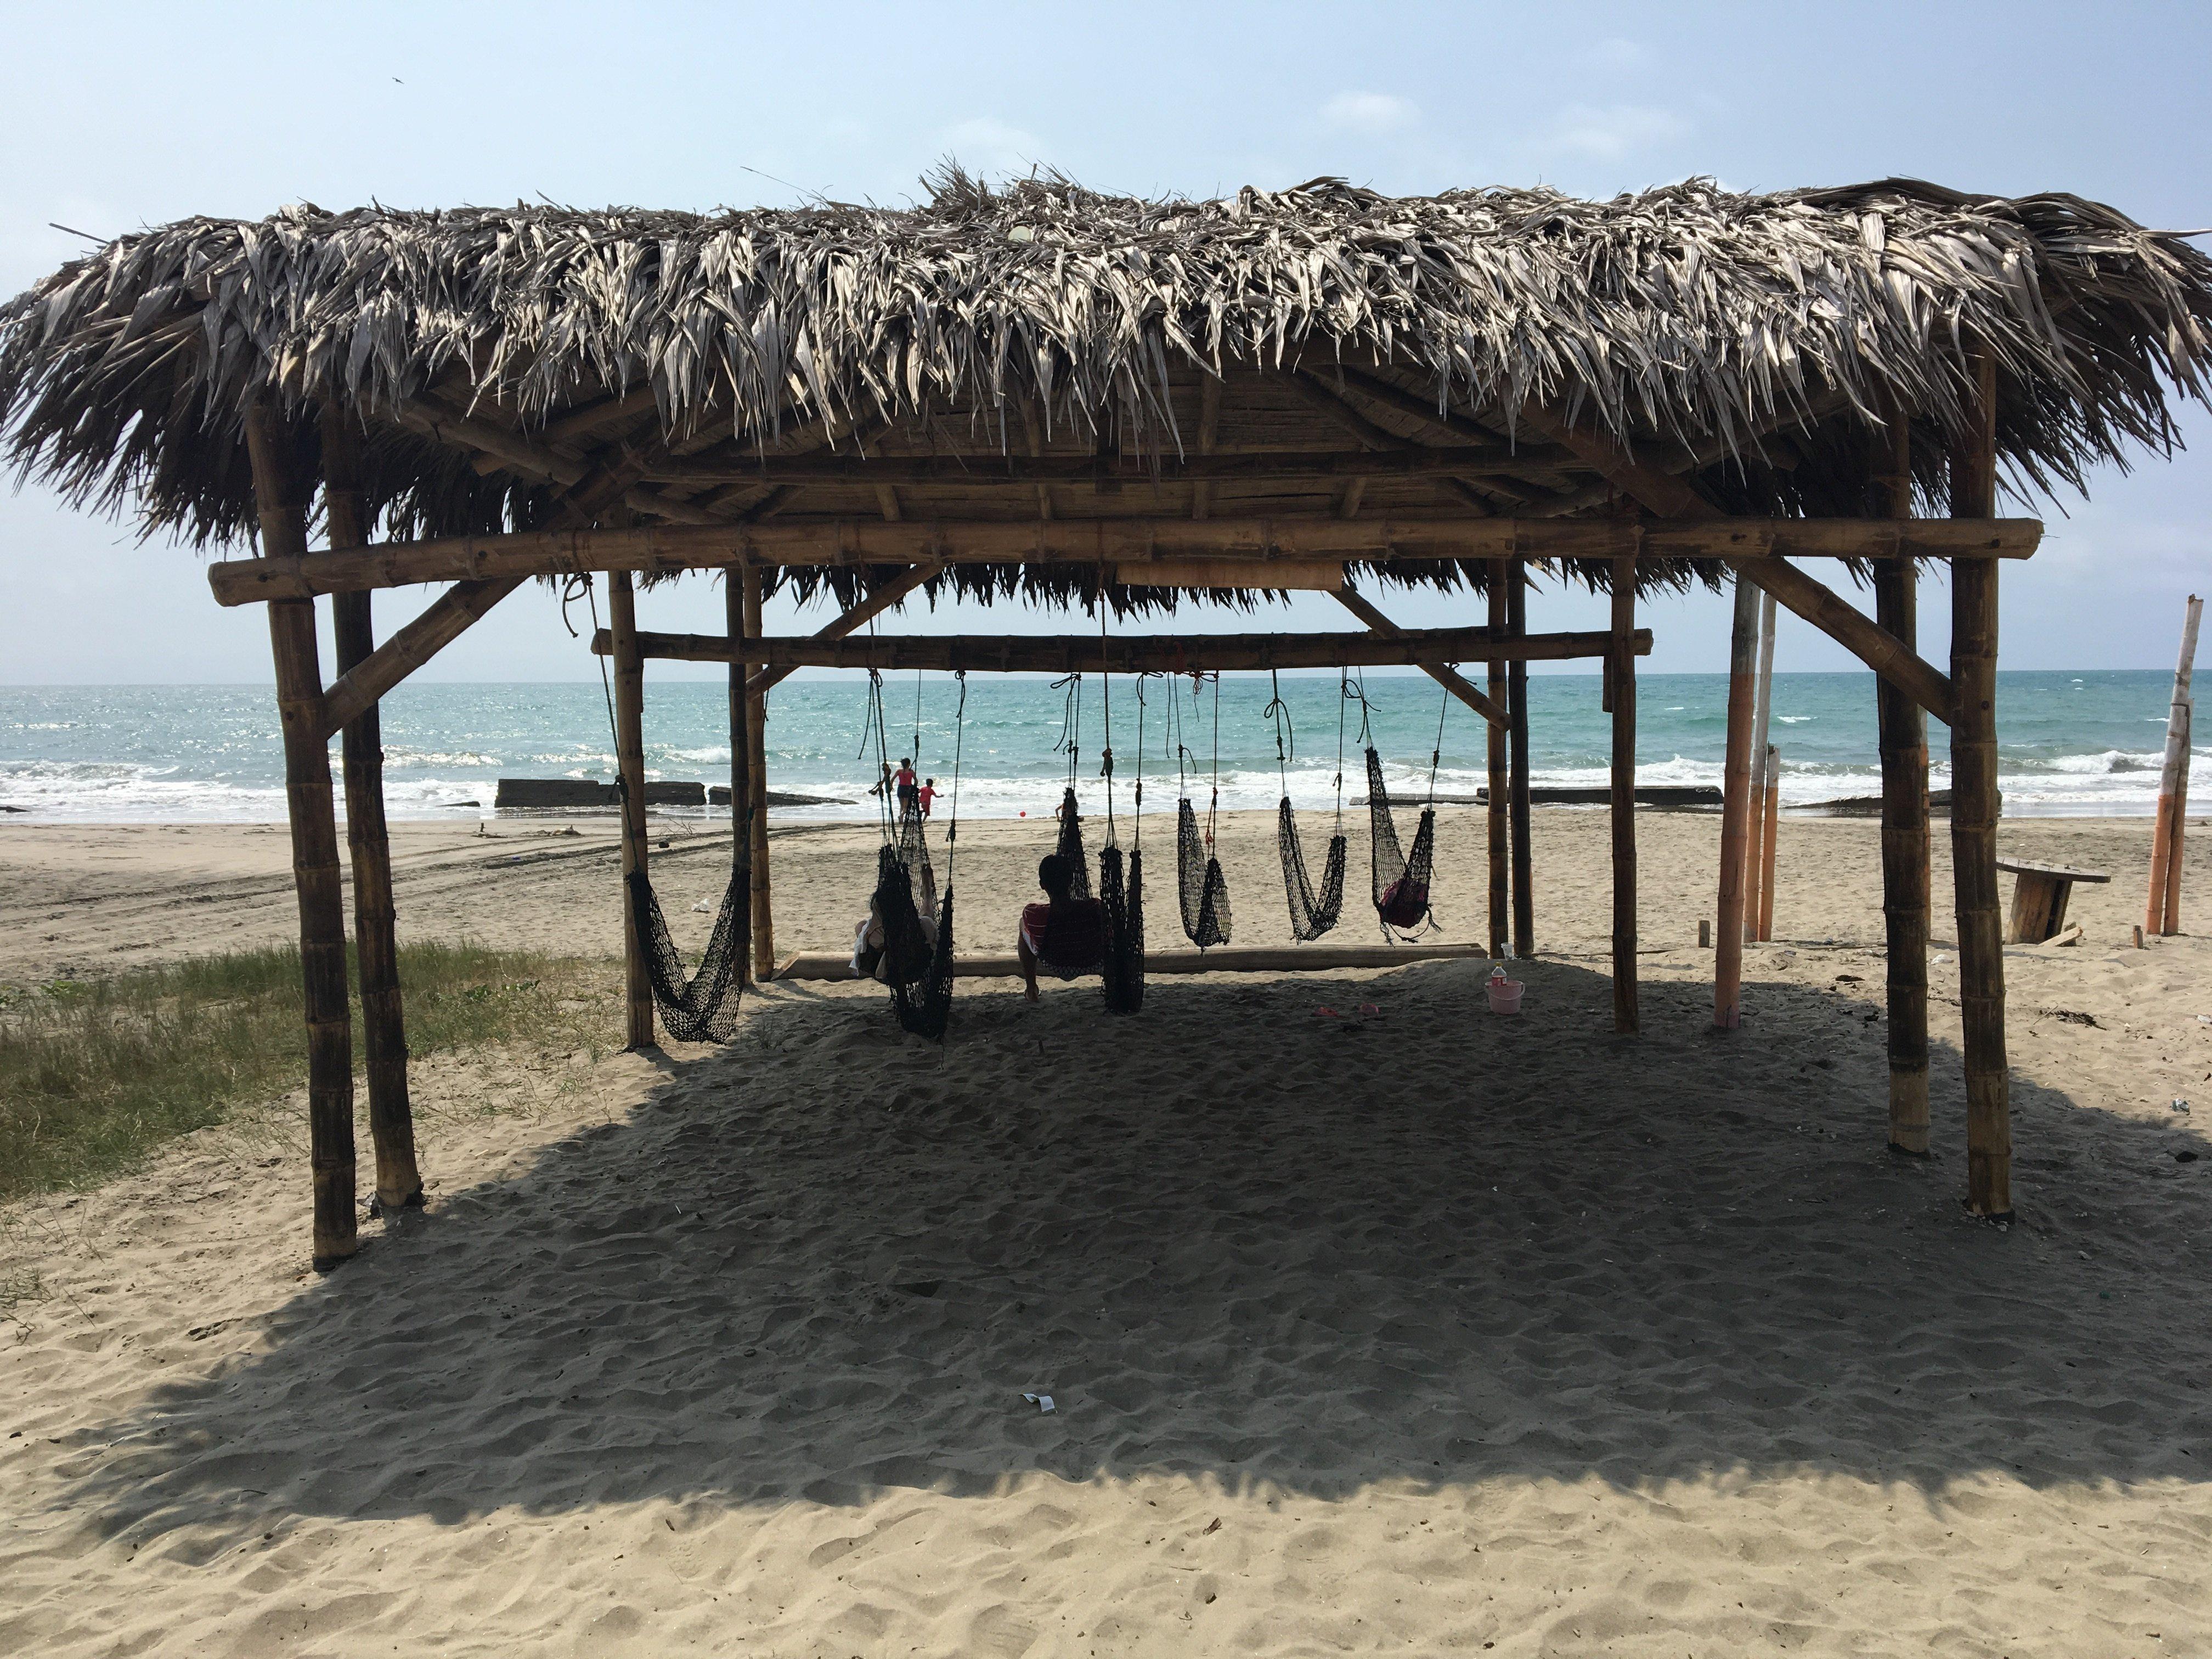 Playa de la comunidad San Jacinto, afectada por el terremoto y que hoy se recupera con empredimientos turísticos.